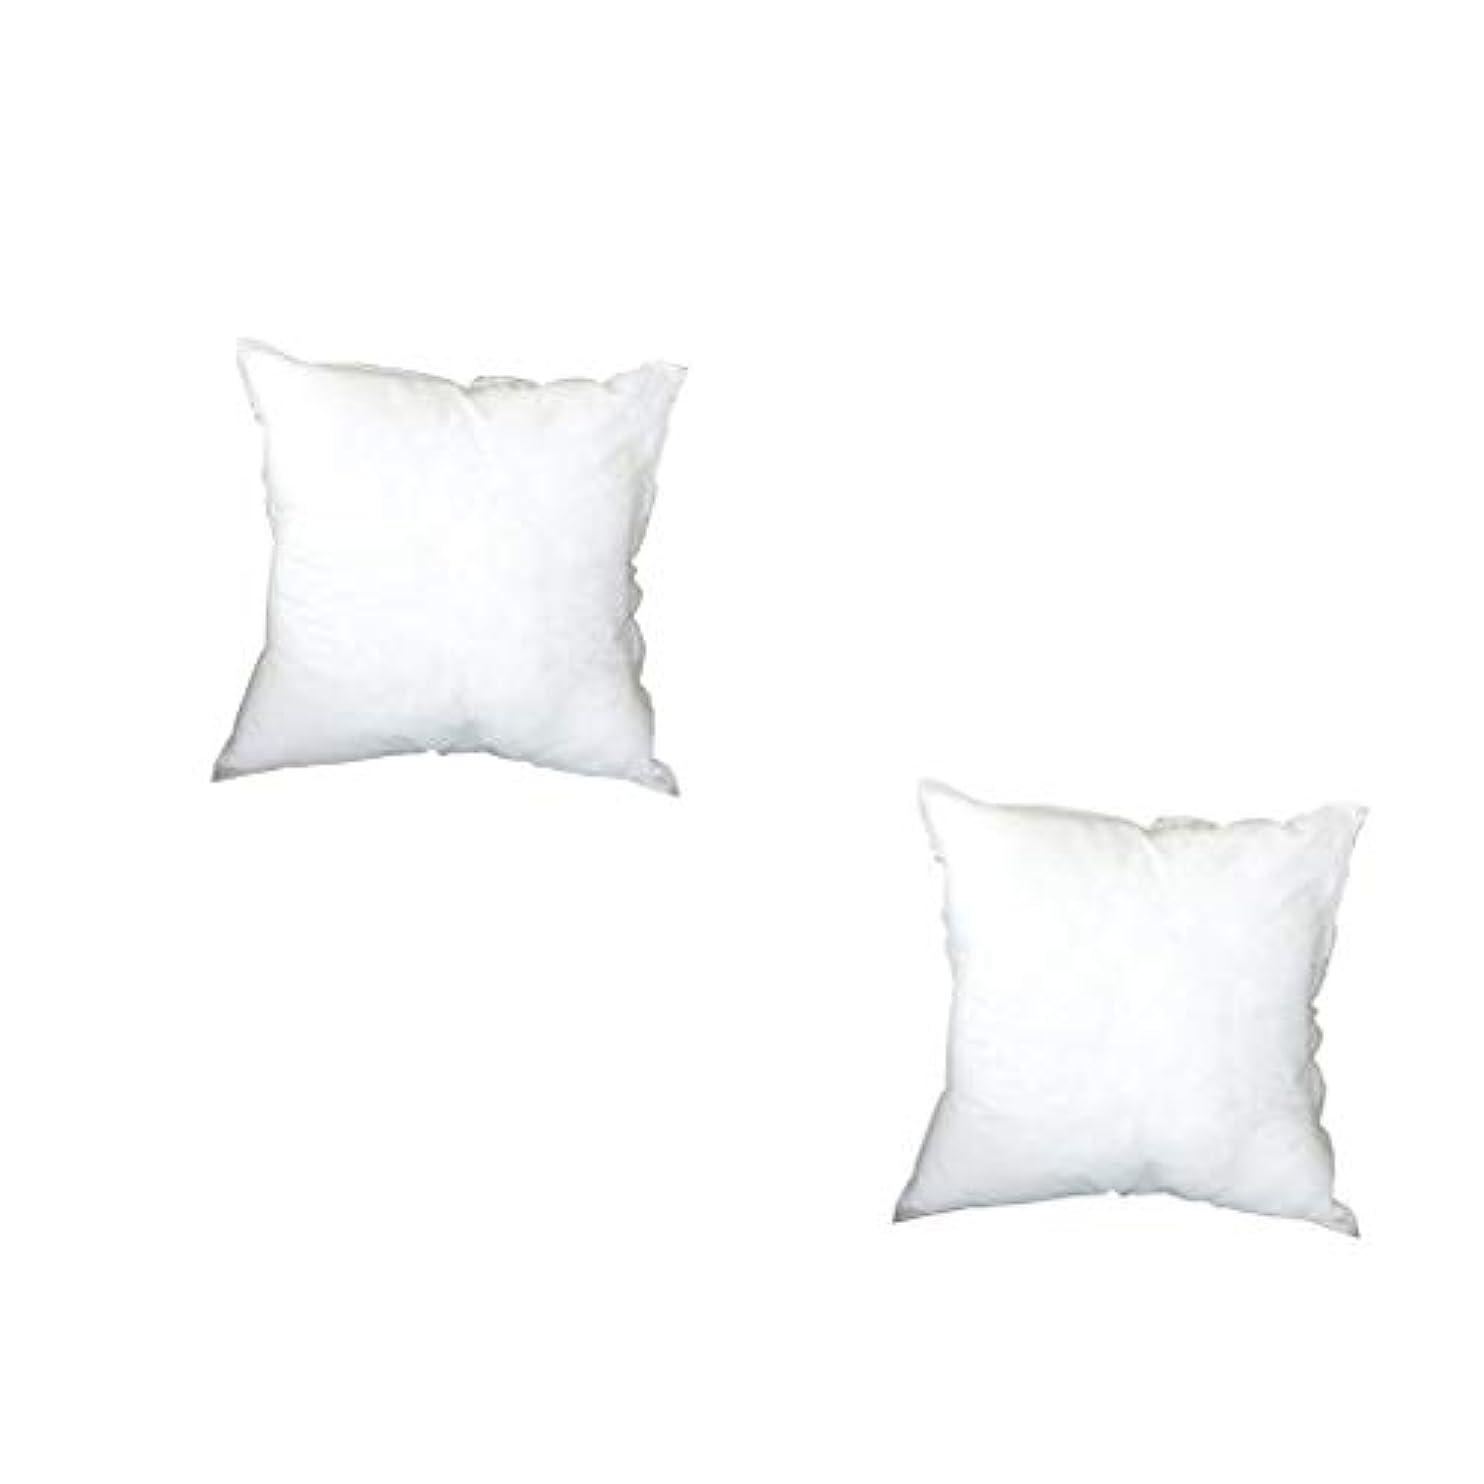 成長する十一セレナLIFE 寝具正方形 PP 綿枕インテリア家の装飾白 45 × 45 車のソファチェアクッション coussin decoratif 新 クッション 椅子